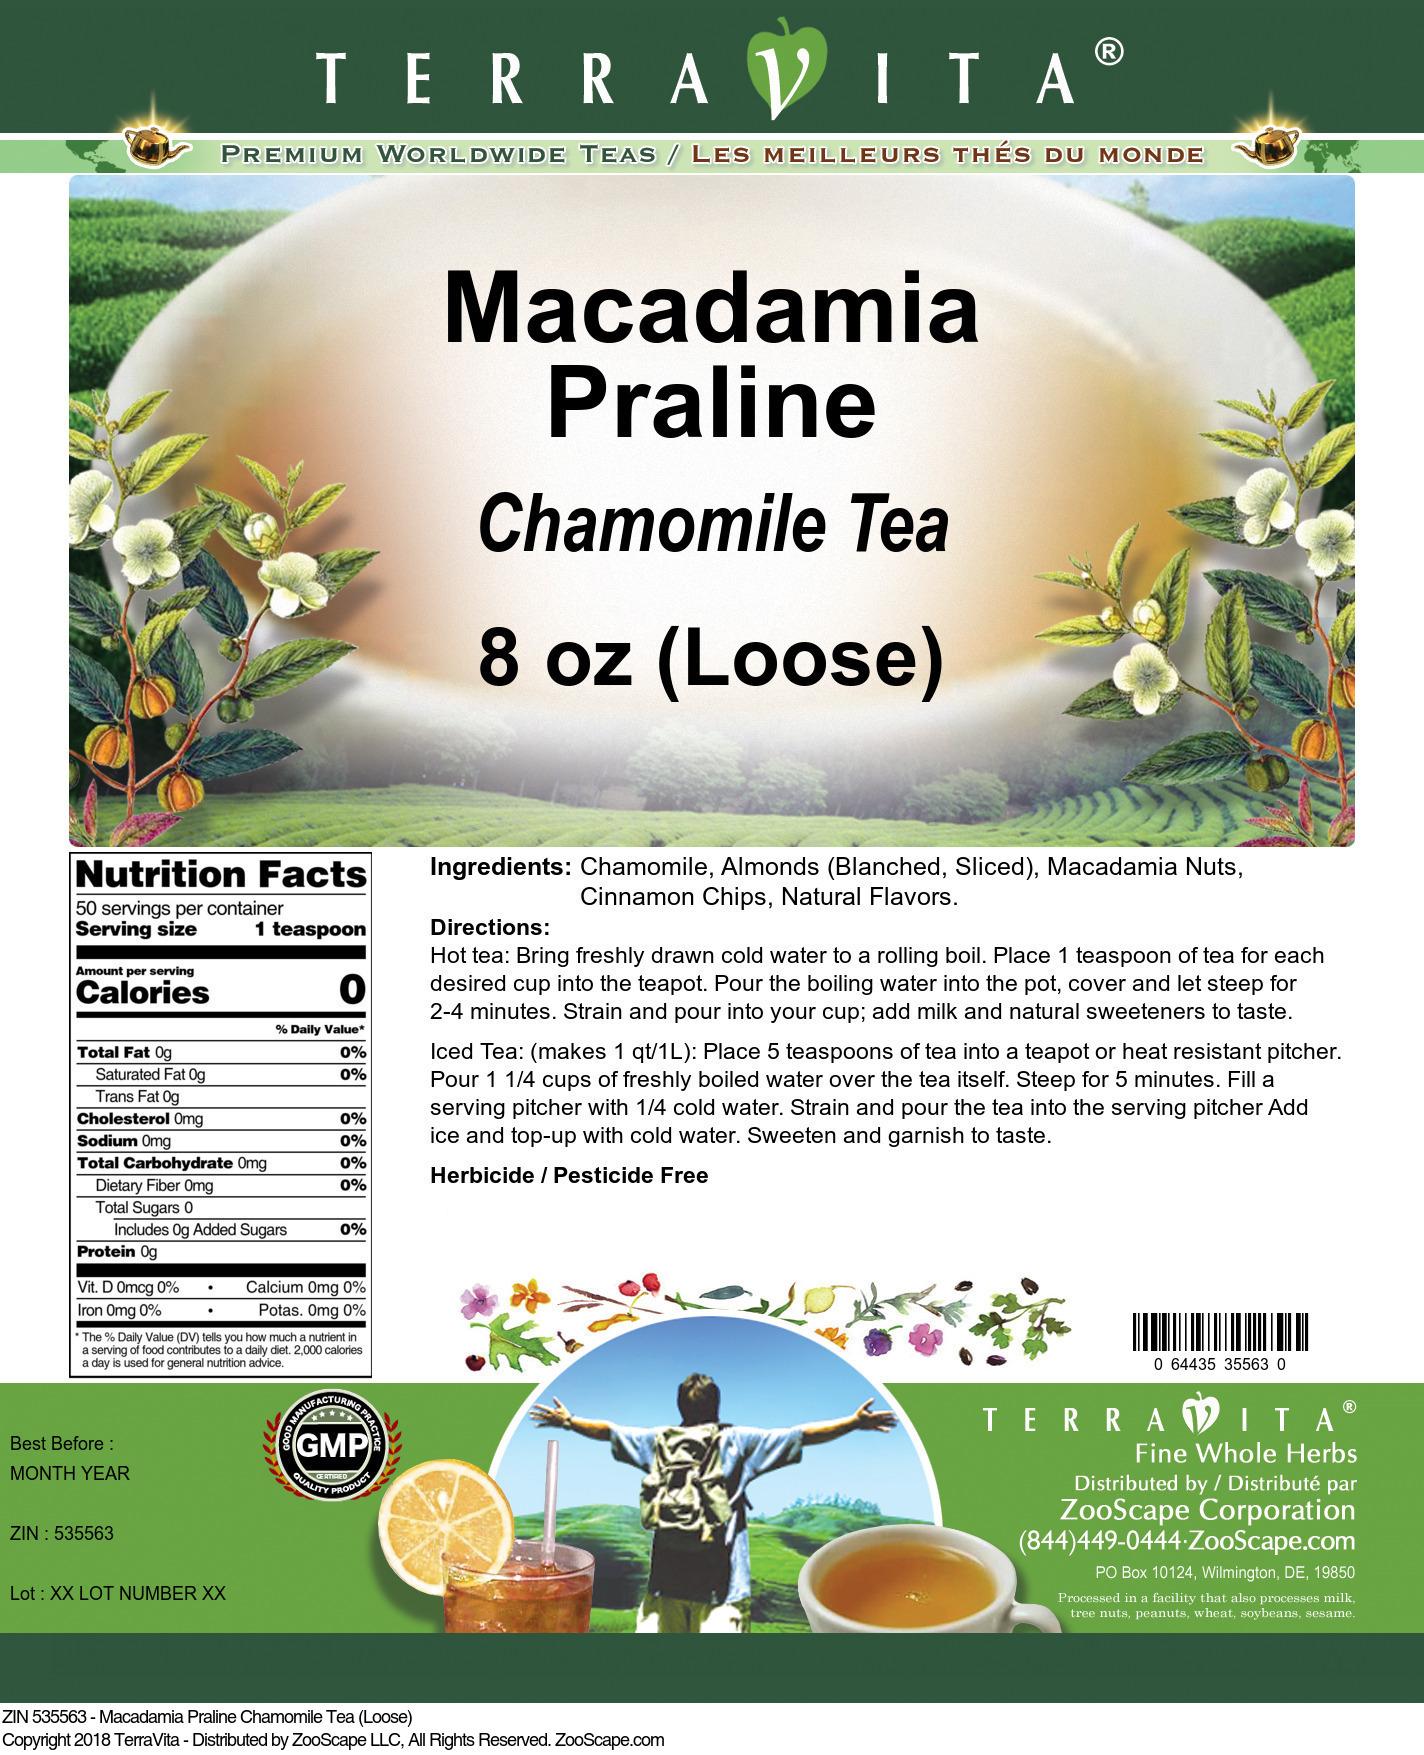 Macadamia Praline Chamomile Tea